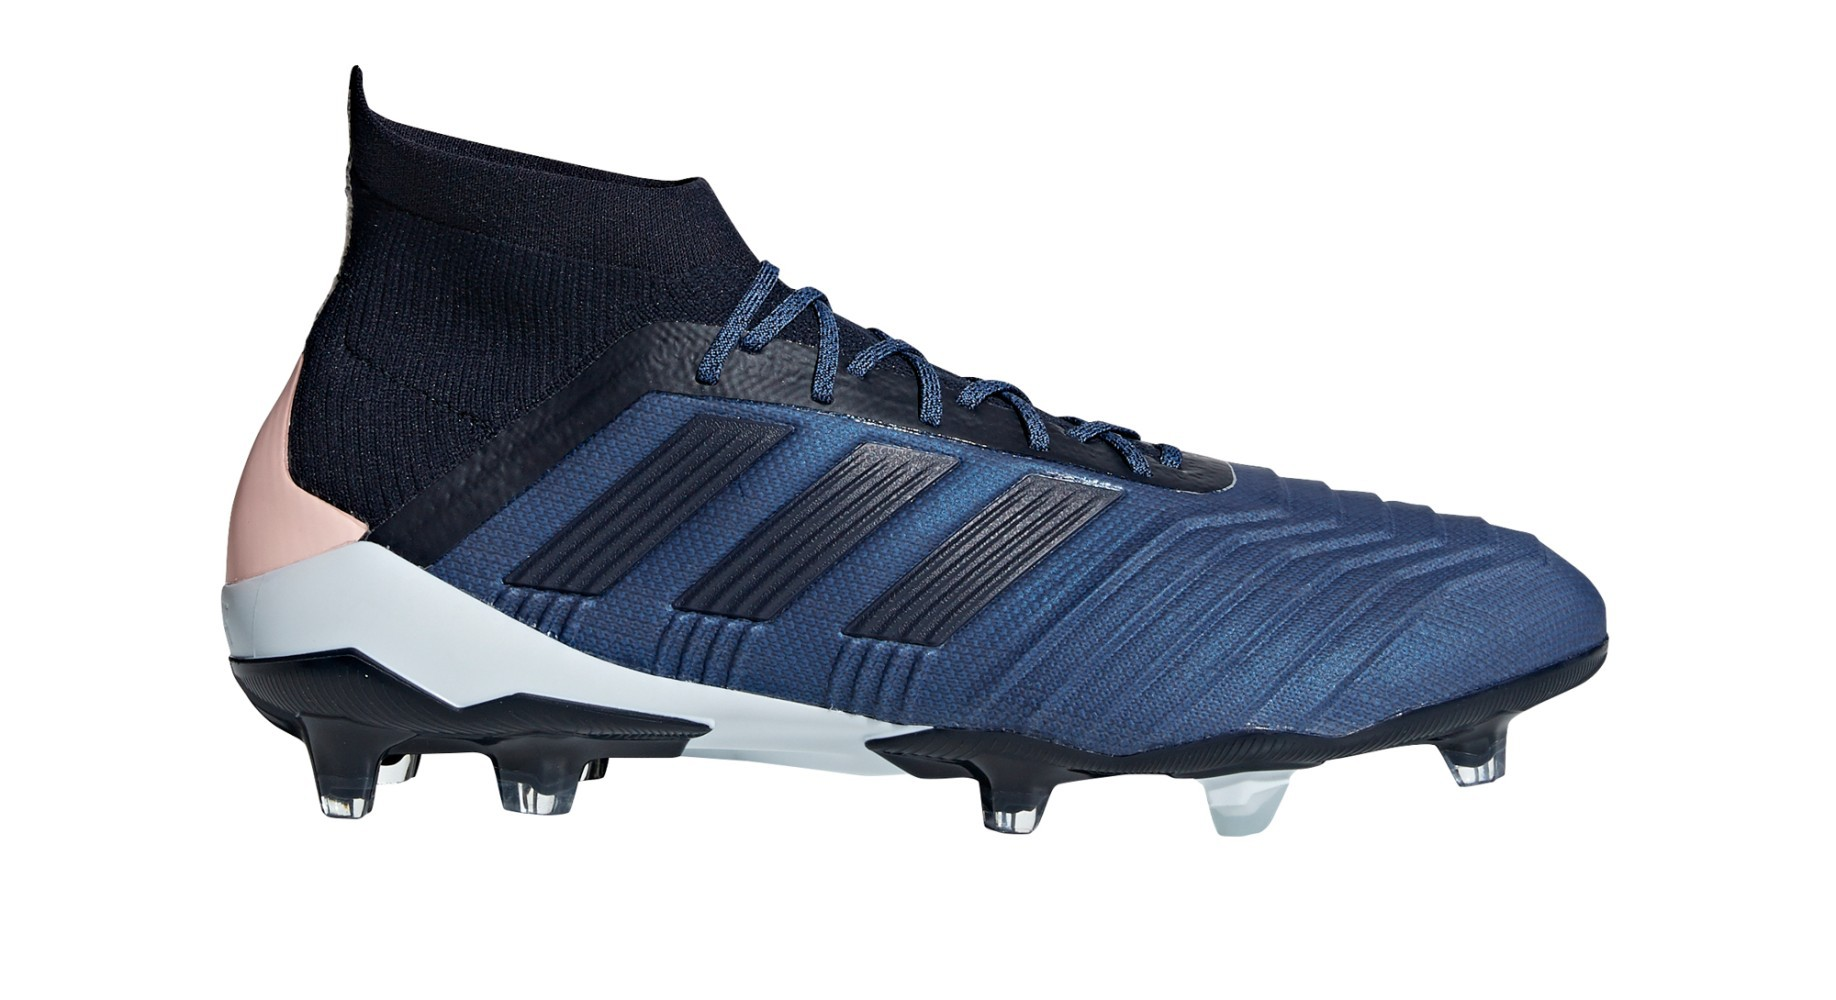 1 Colore Fg Mode Pack Scarpe Calcio Azzurro 18 Cold Adidas Predator JTcK1lF